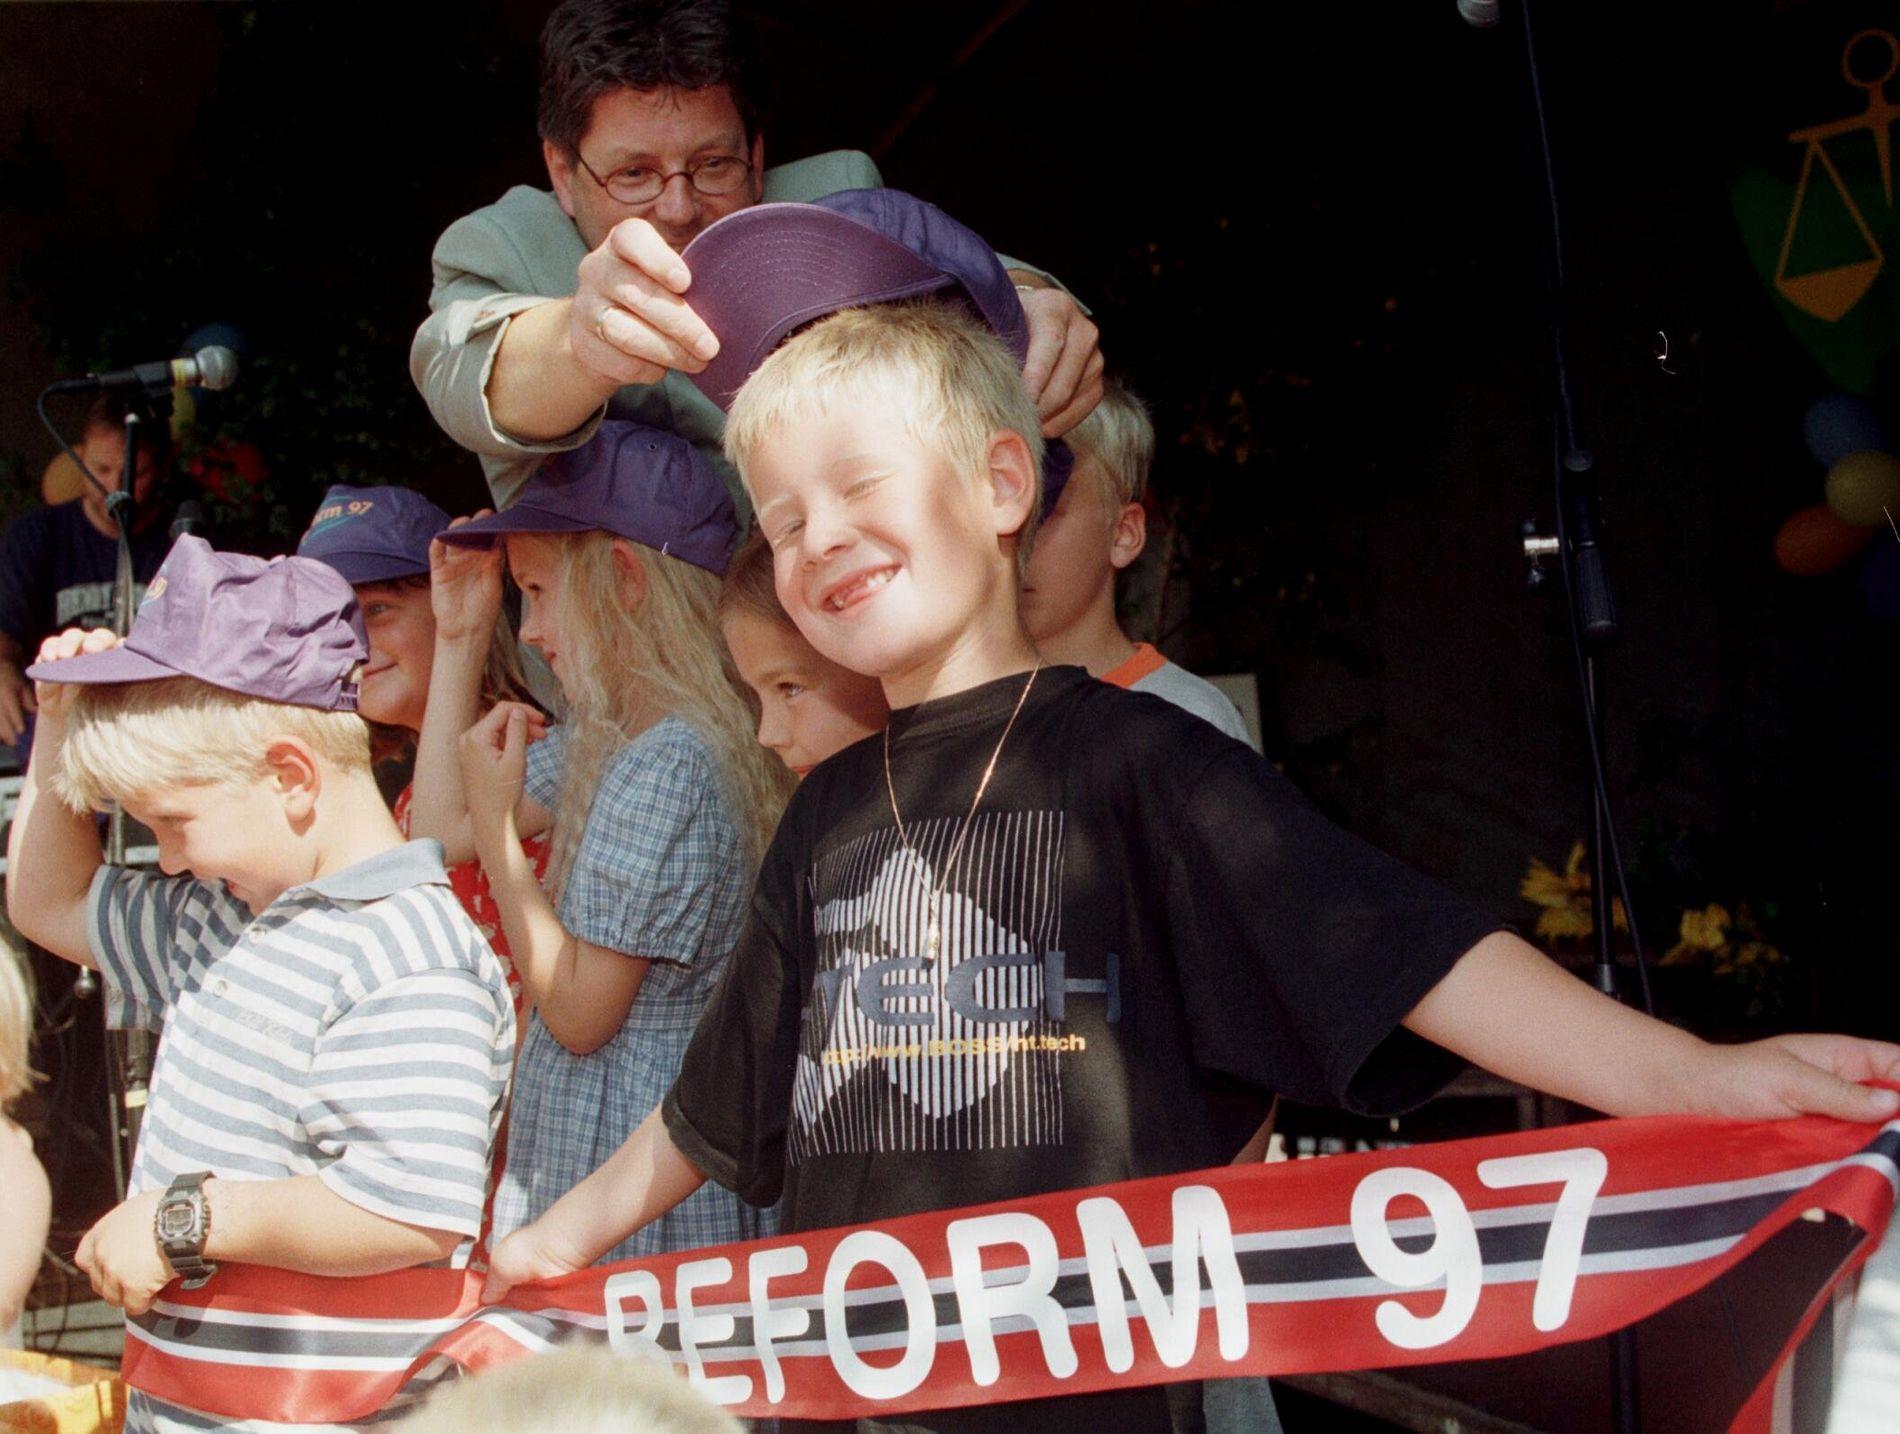 STARTET SOM SEKSÅRINGER: Daværende utdanningsminister Reidar Sandal (Ap) setter capsen på hodet på en av de første elevene som begynte på skolen som seksåringer – foran Eidsvollbygningen 13. august 1997.